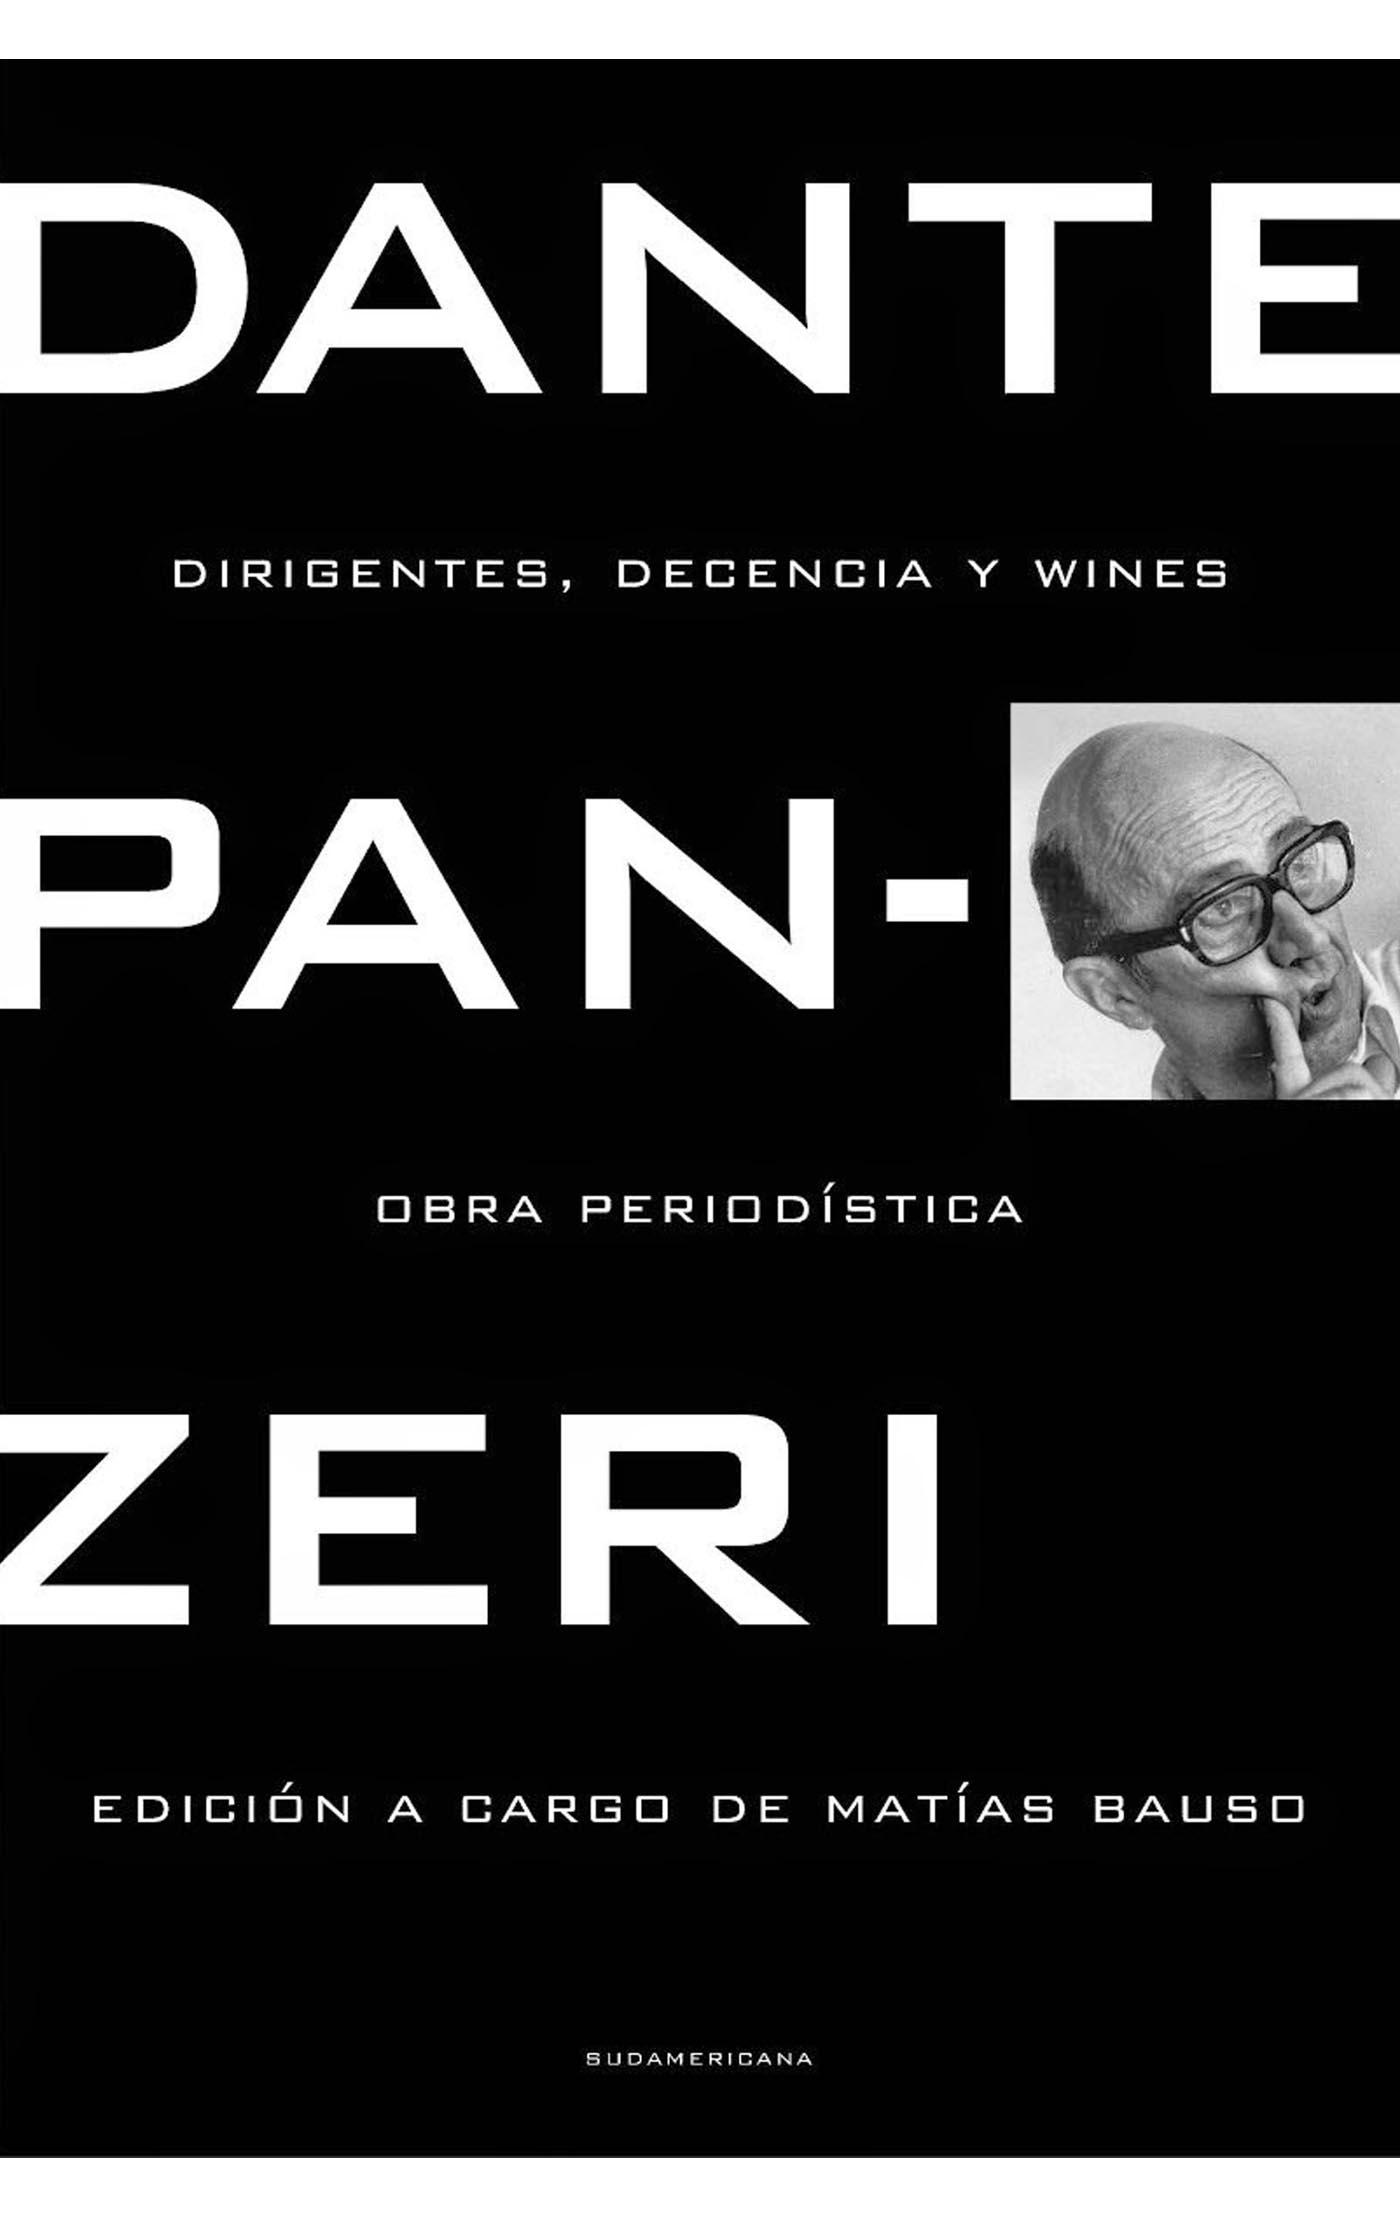 Dante Panzeri Dirigentes, decencia y wines